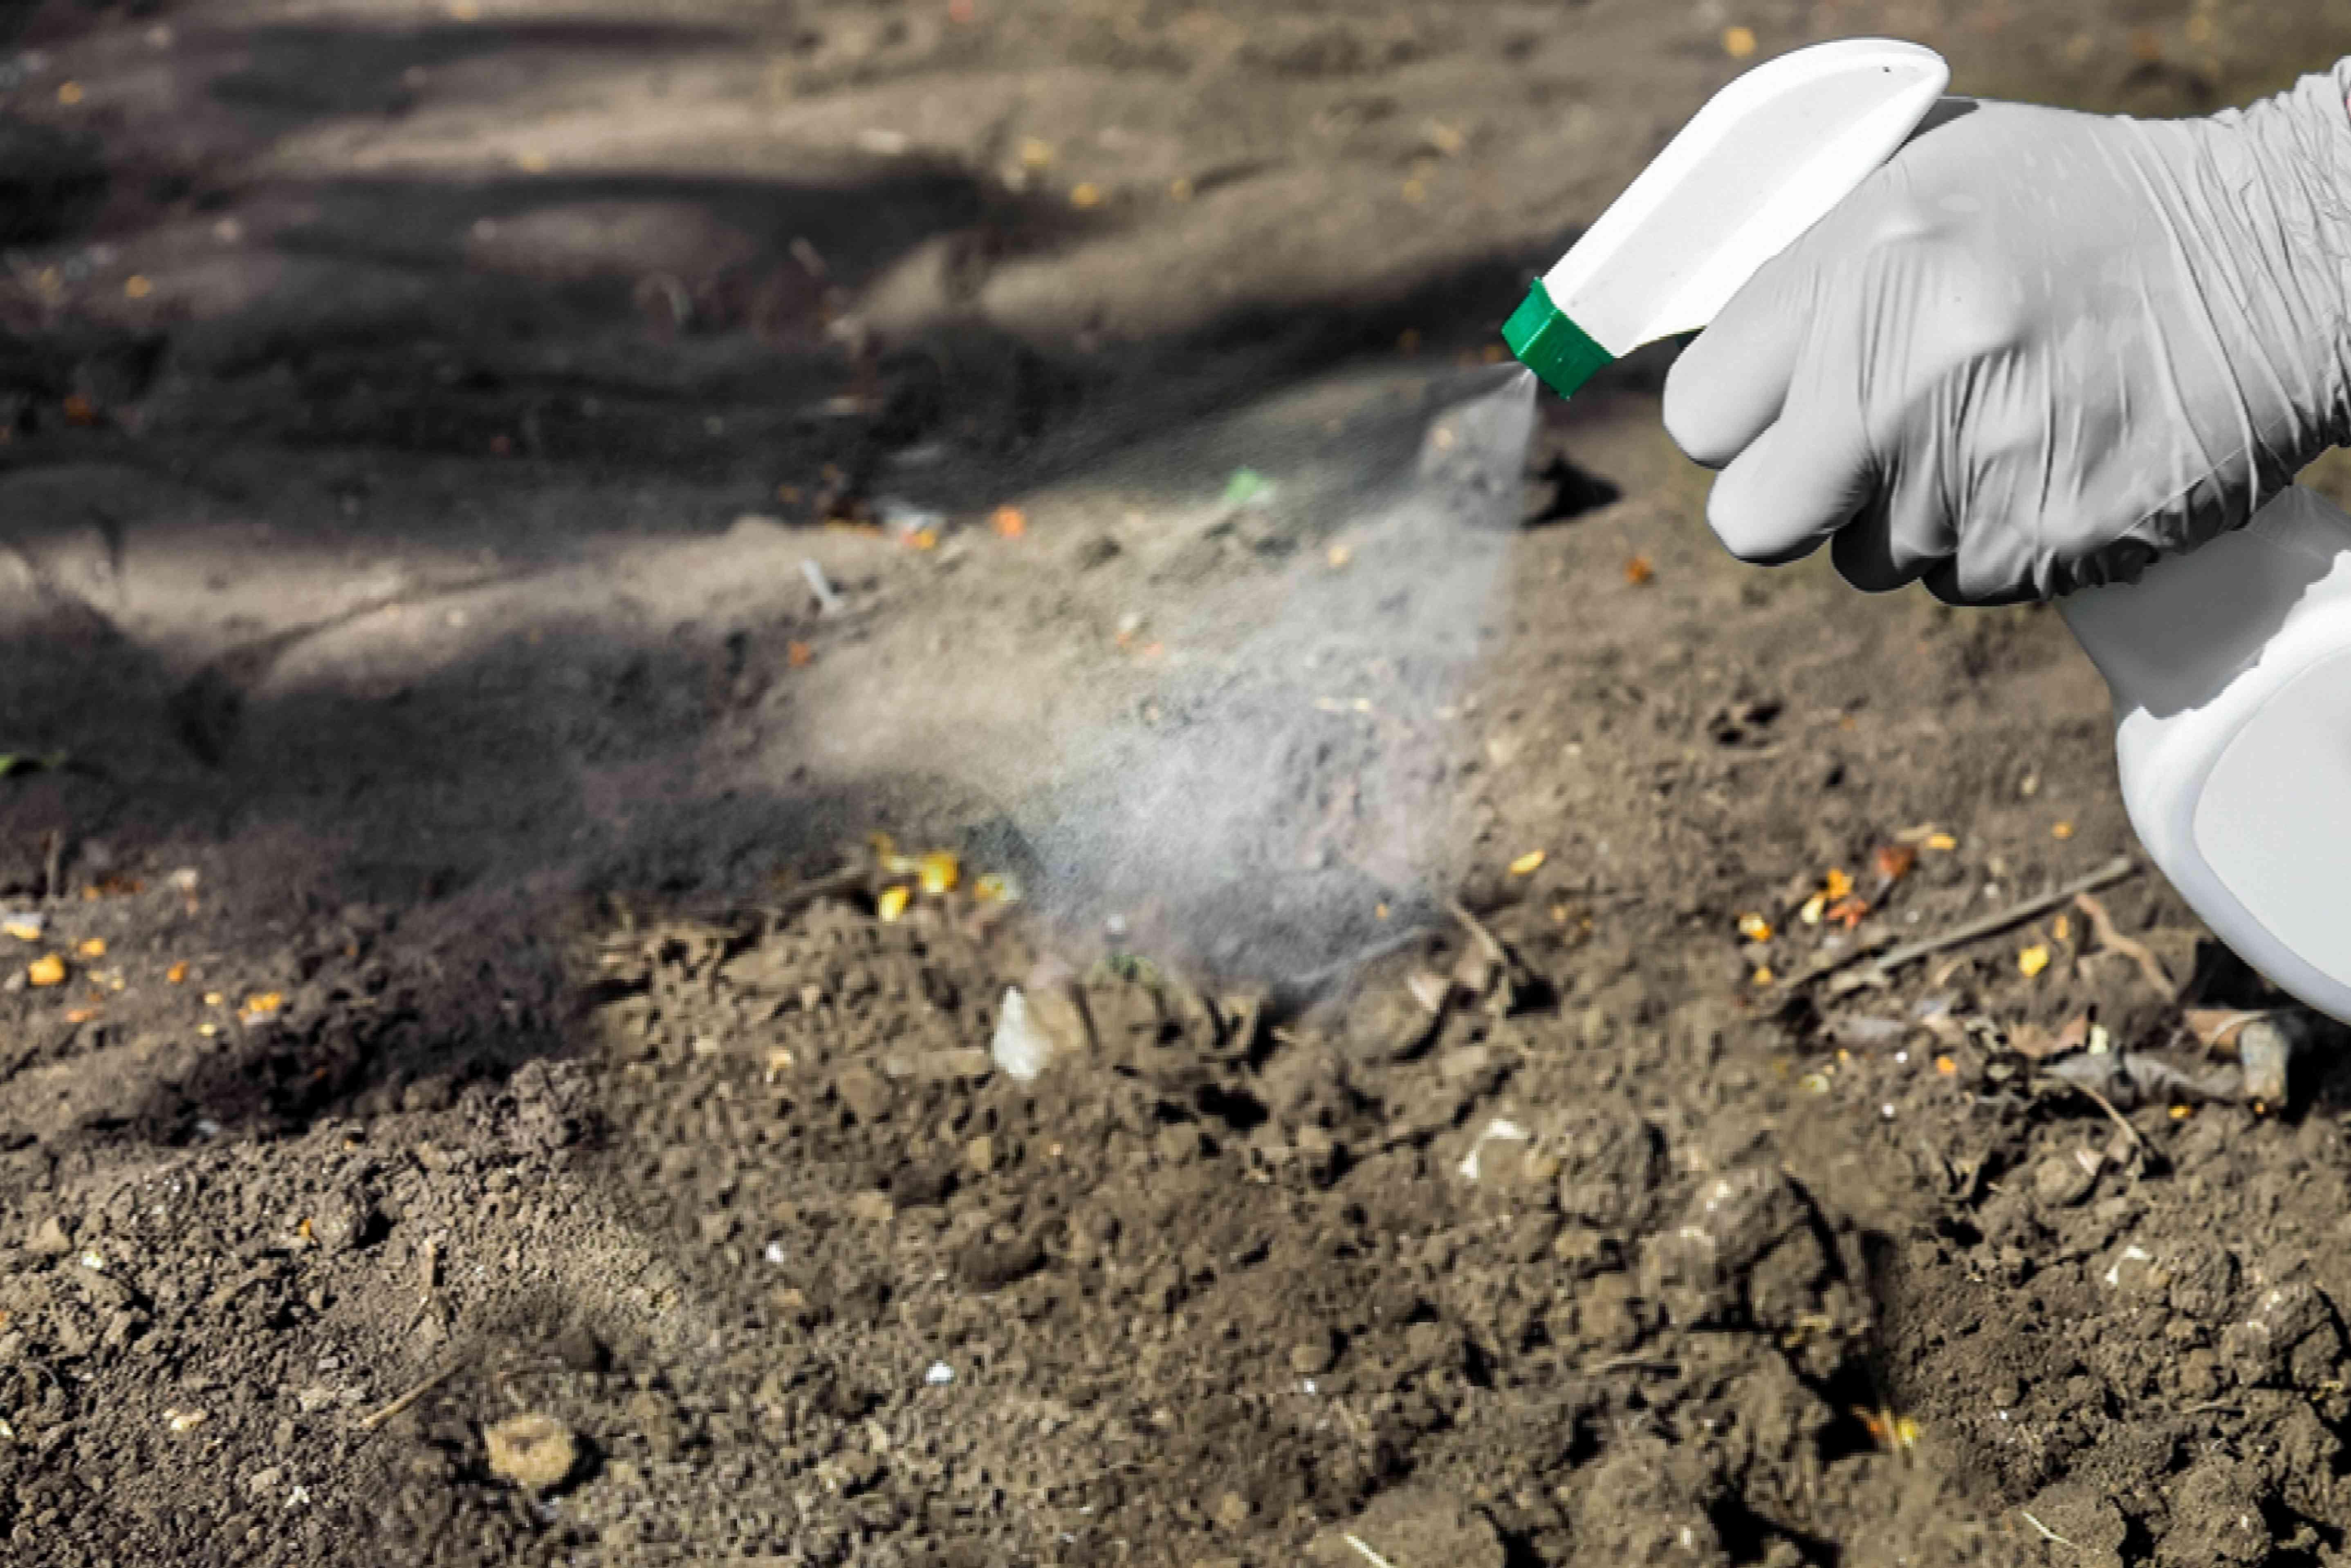 using pesticide outdoors